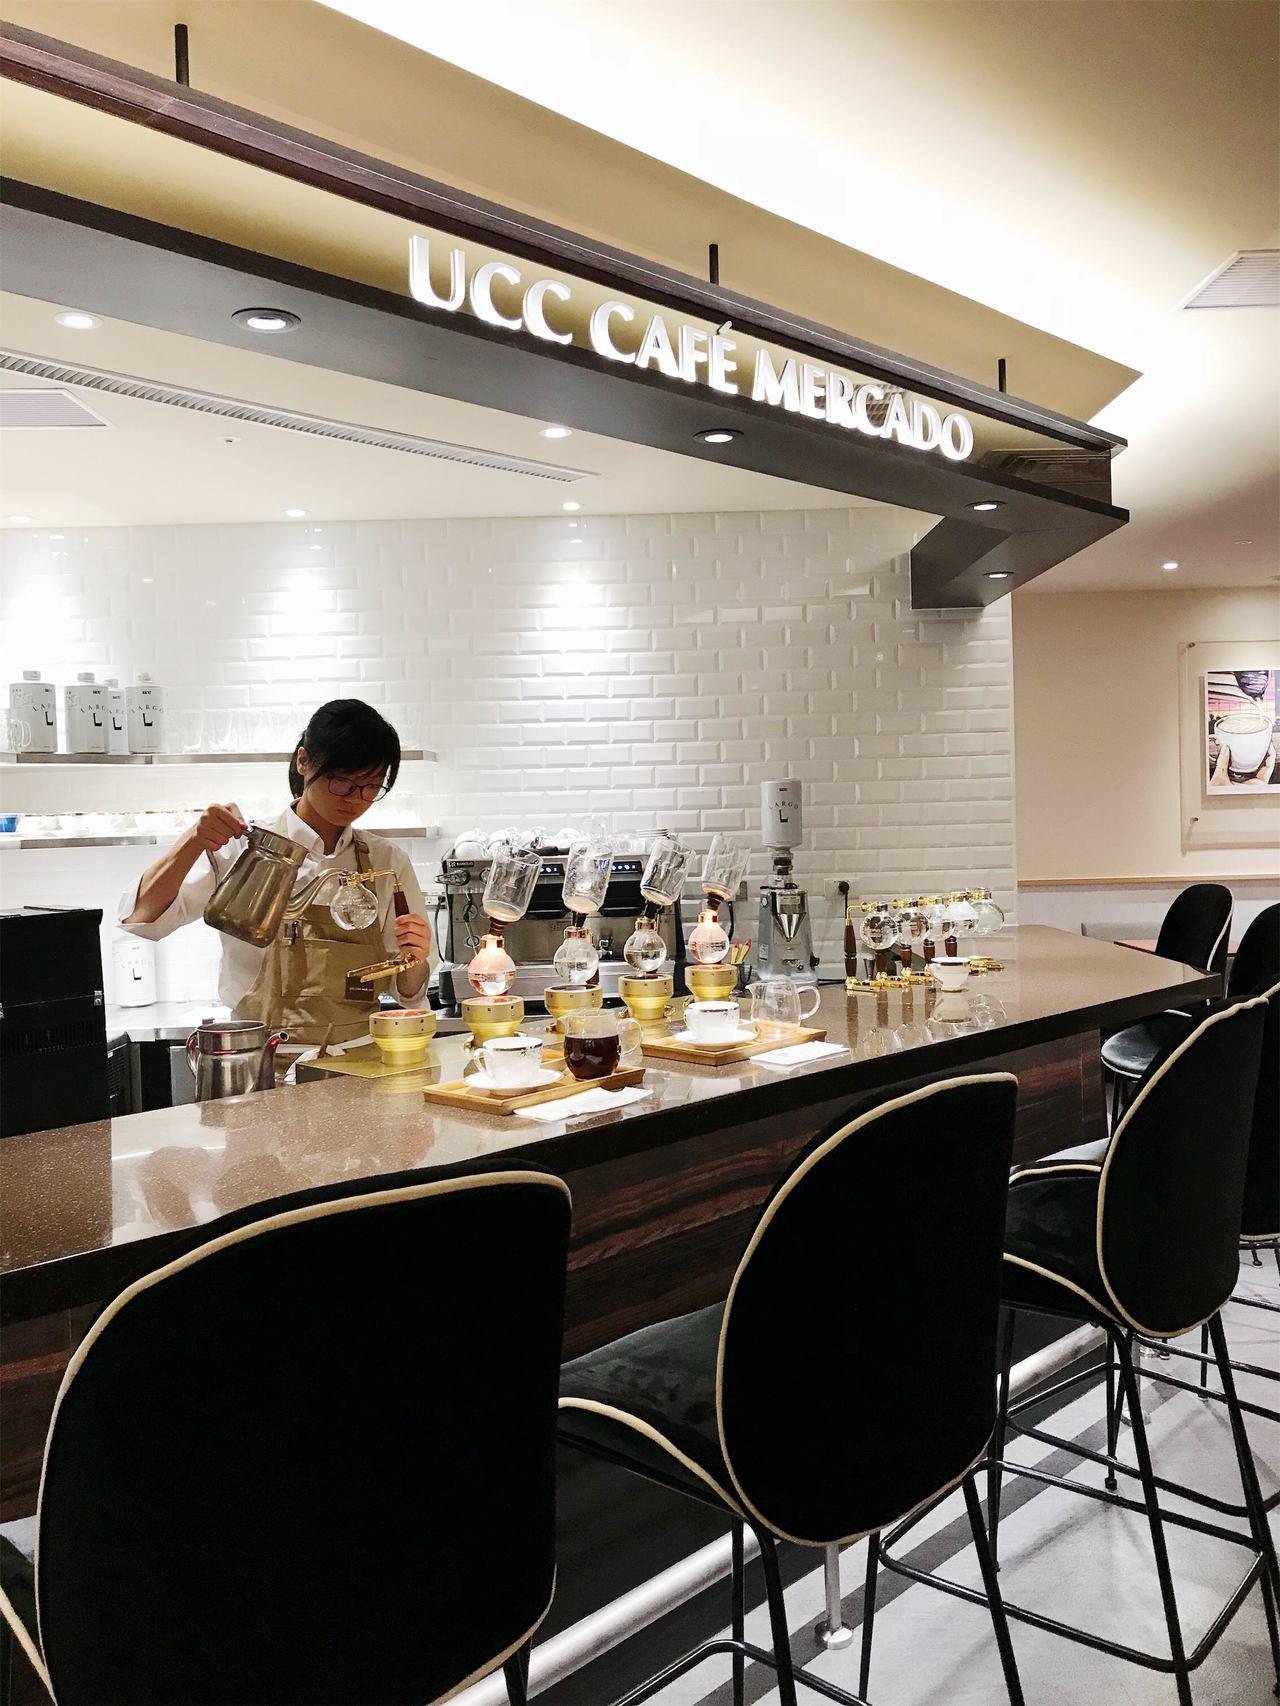 在SOGO忠孝館已有31年的UCC改裝,引進光熱式虹吸沖煮設備,坐在吧台就可欣賞...